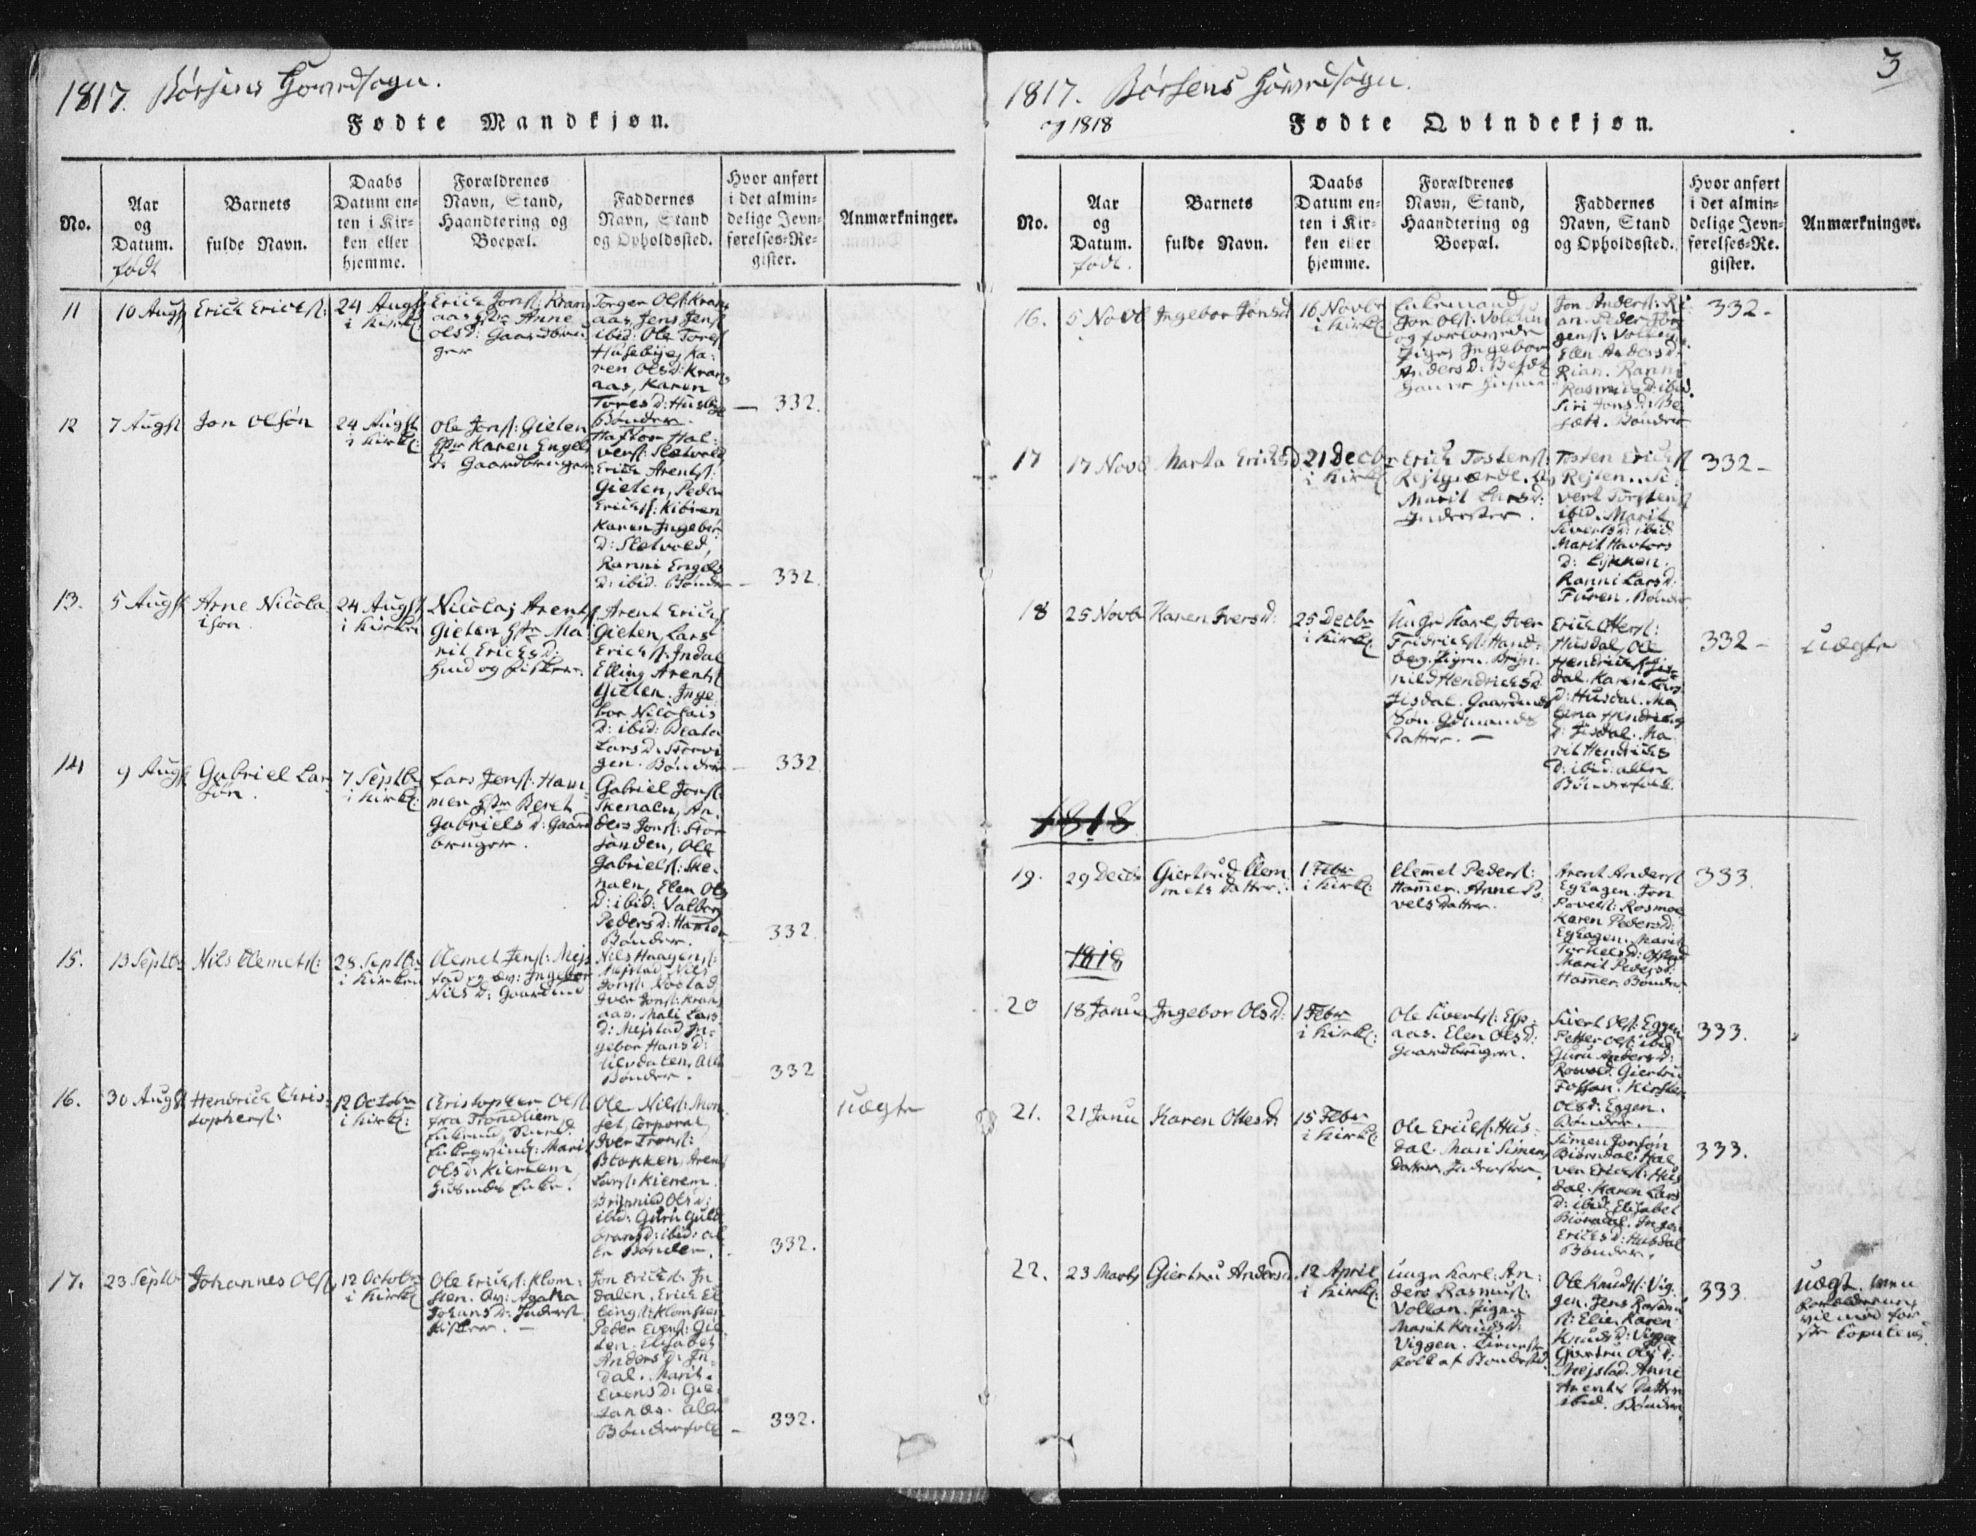 SAT, Ministerialprotokoller, klokkerbøker og fødselsregistre - Sør-Trøndelag, 665/L0770: Ministerialbok nr. 665A05, 1817-1829, s. 3